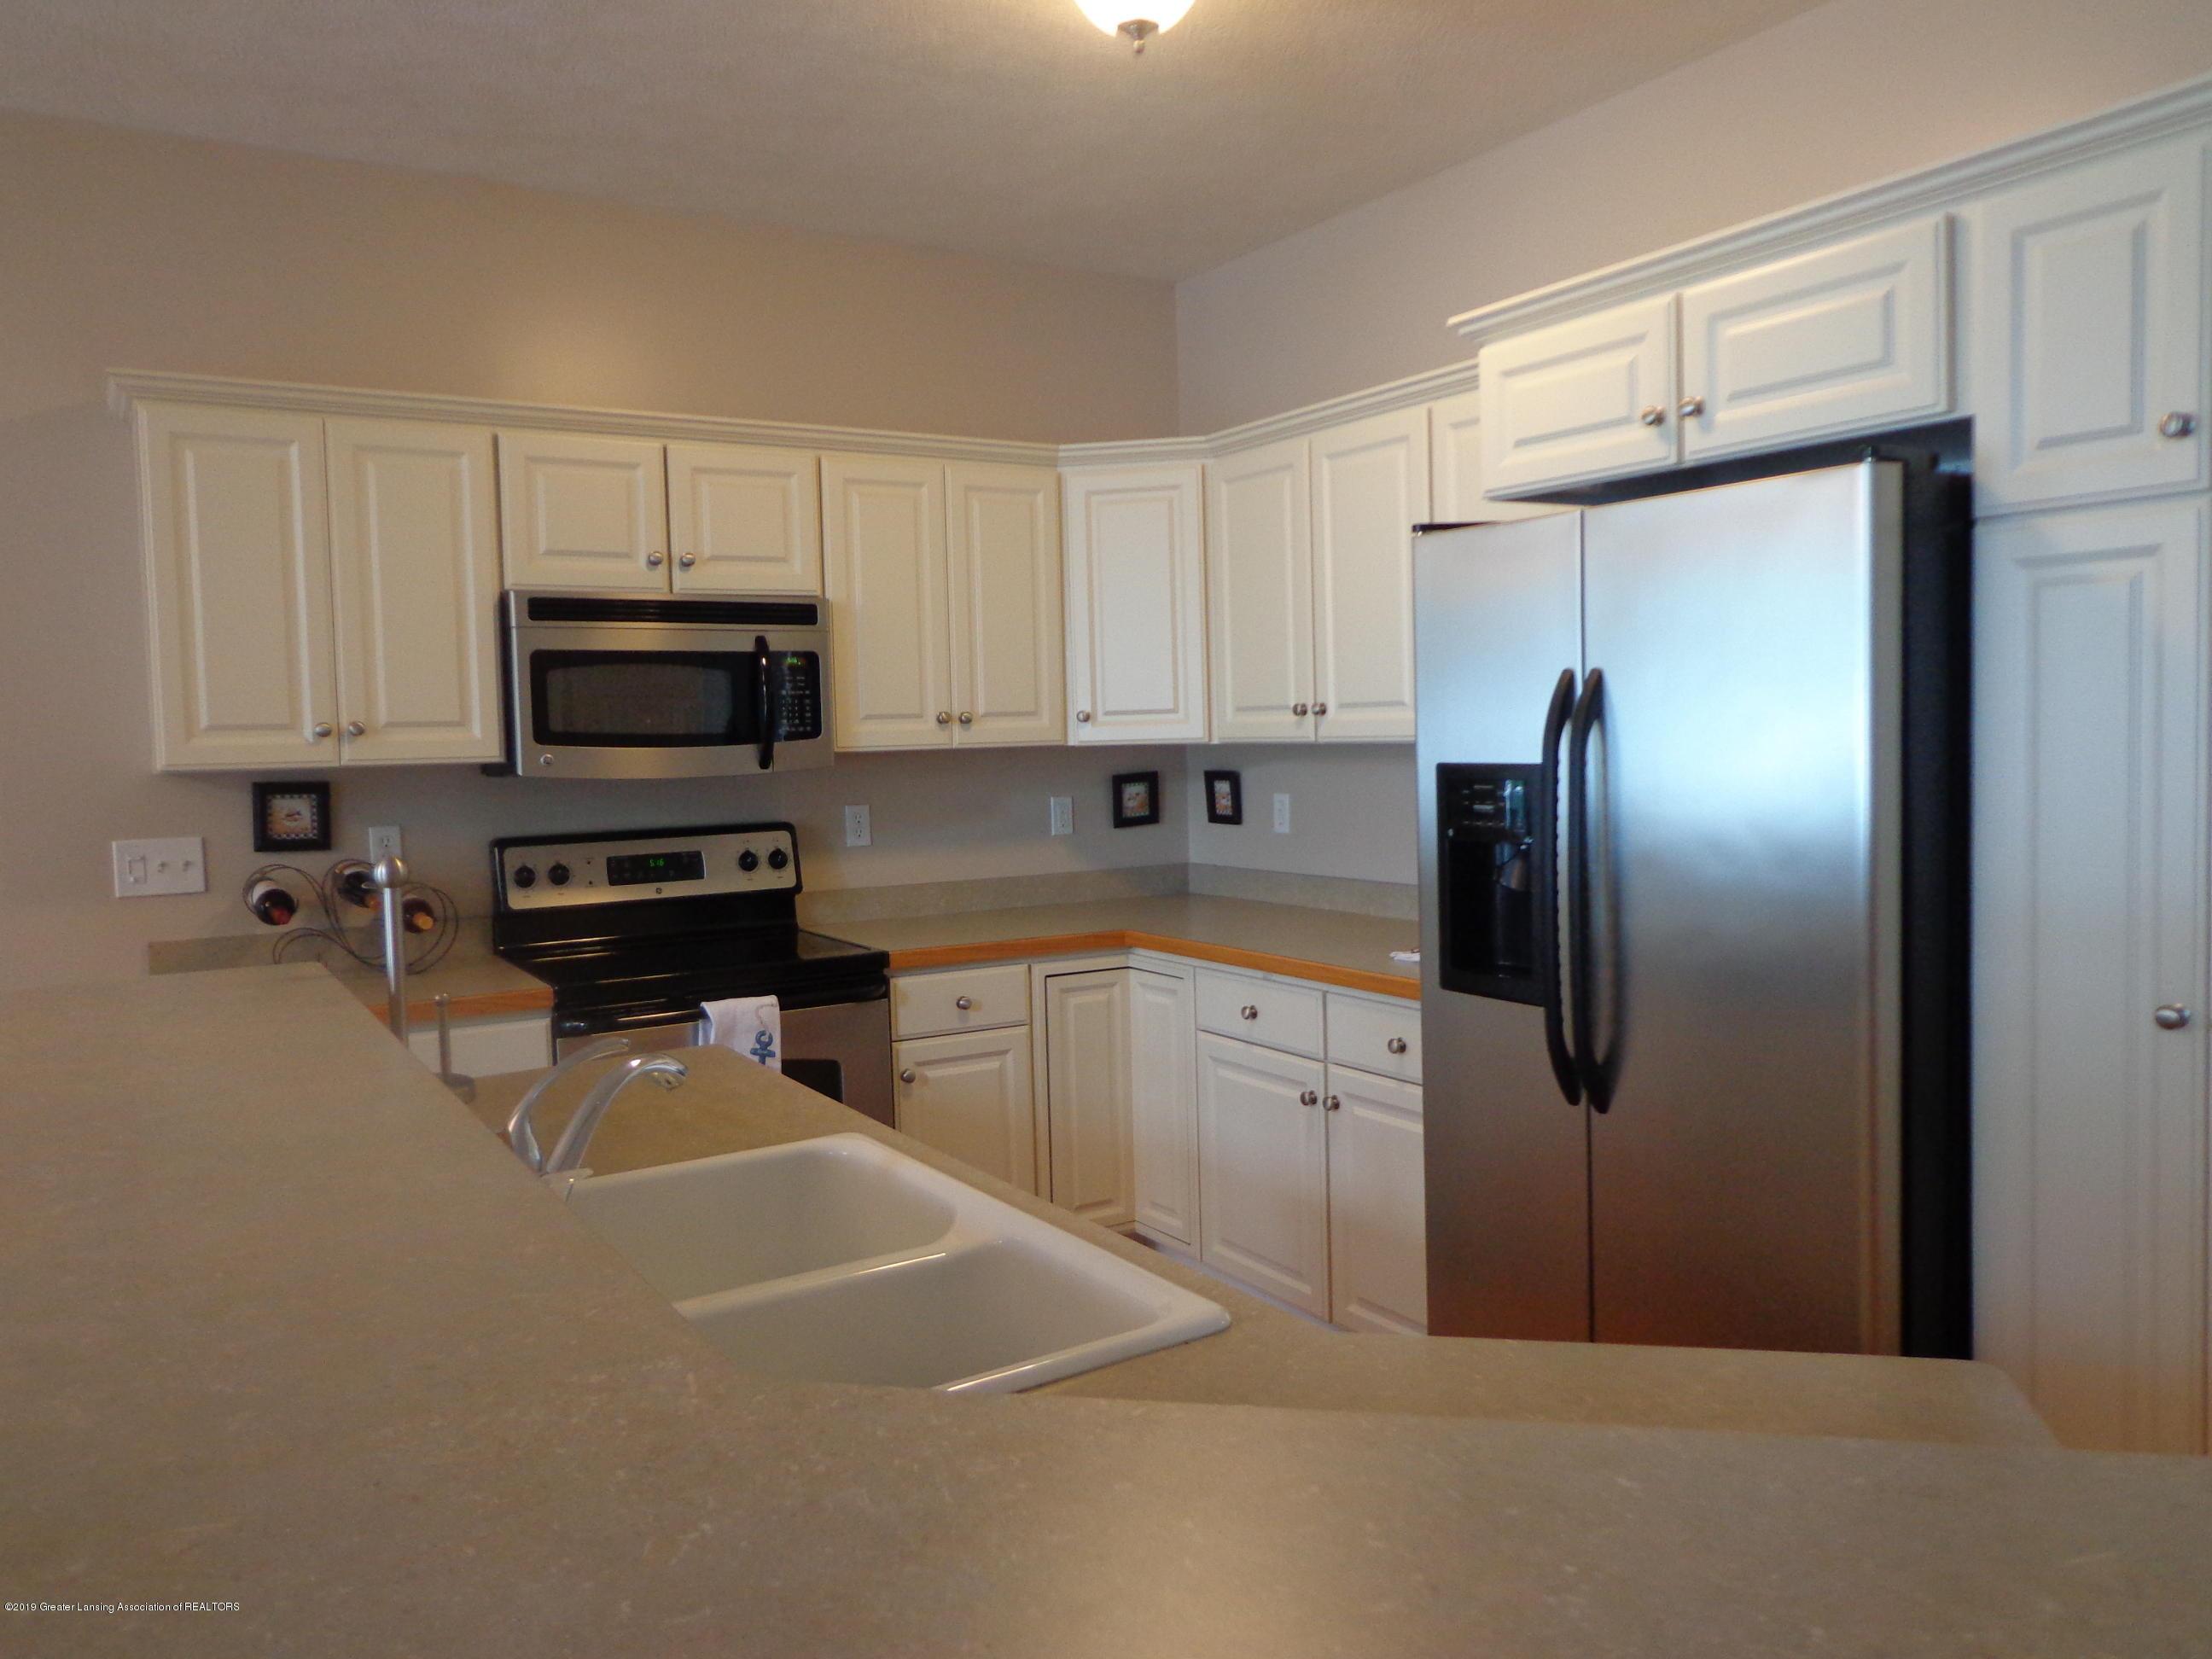 6230 Hilltop Ct 6 - kitchen - 8